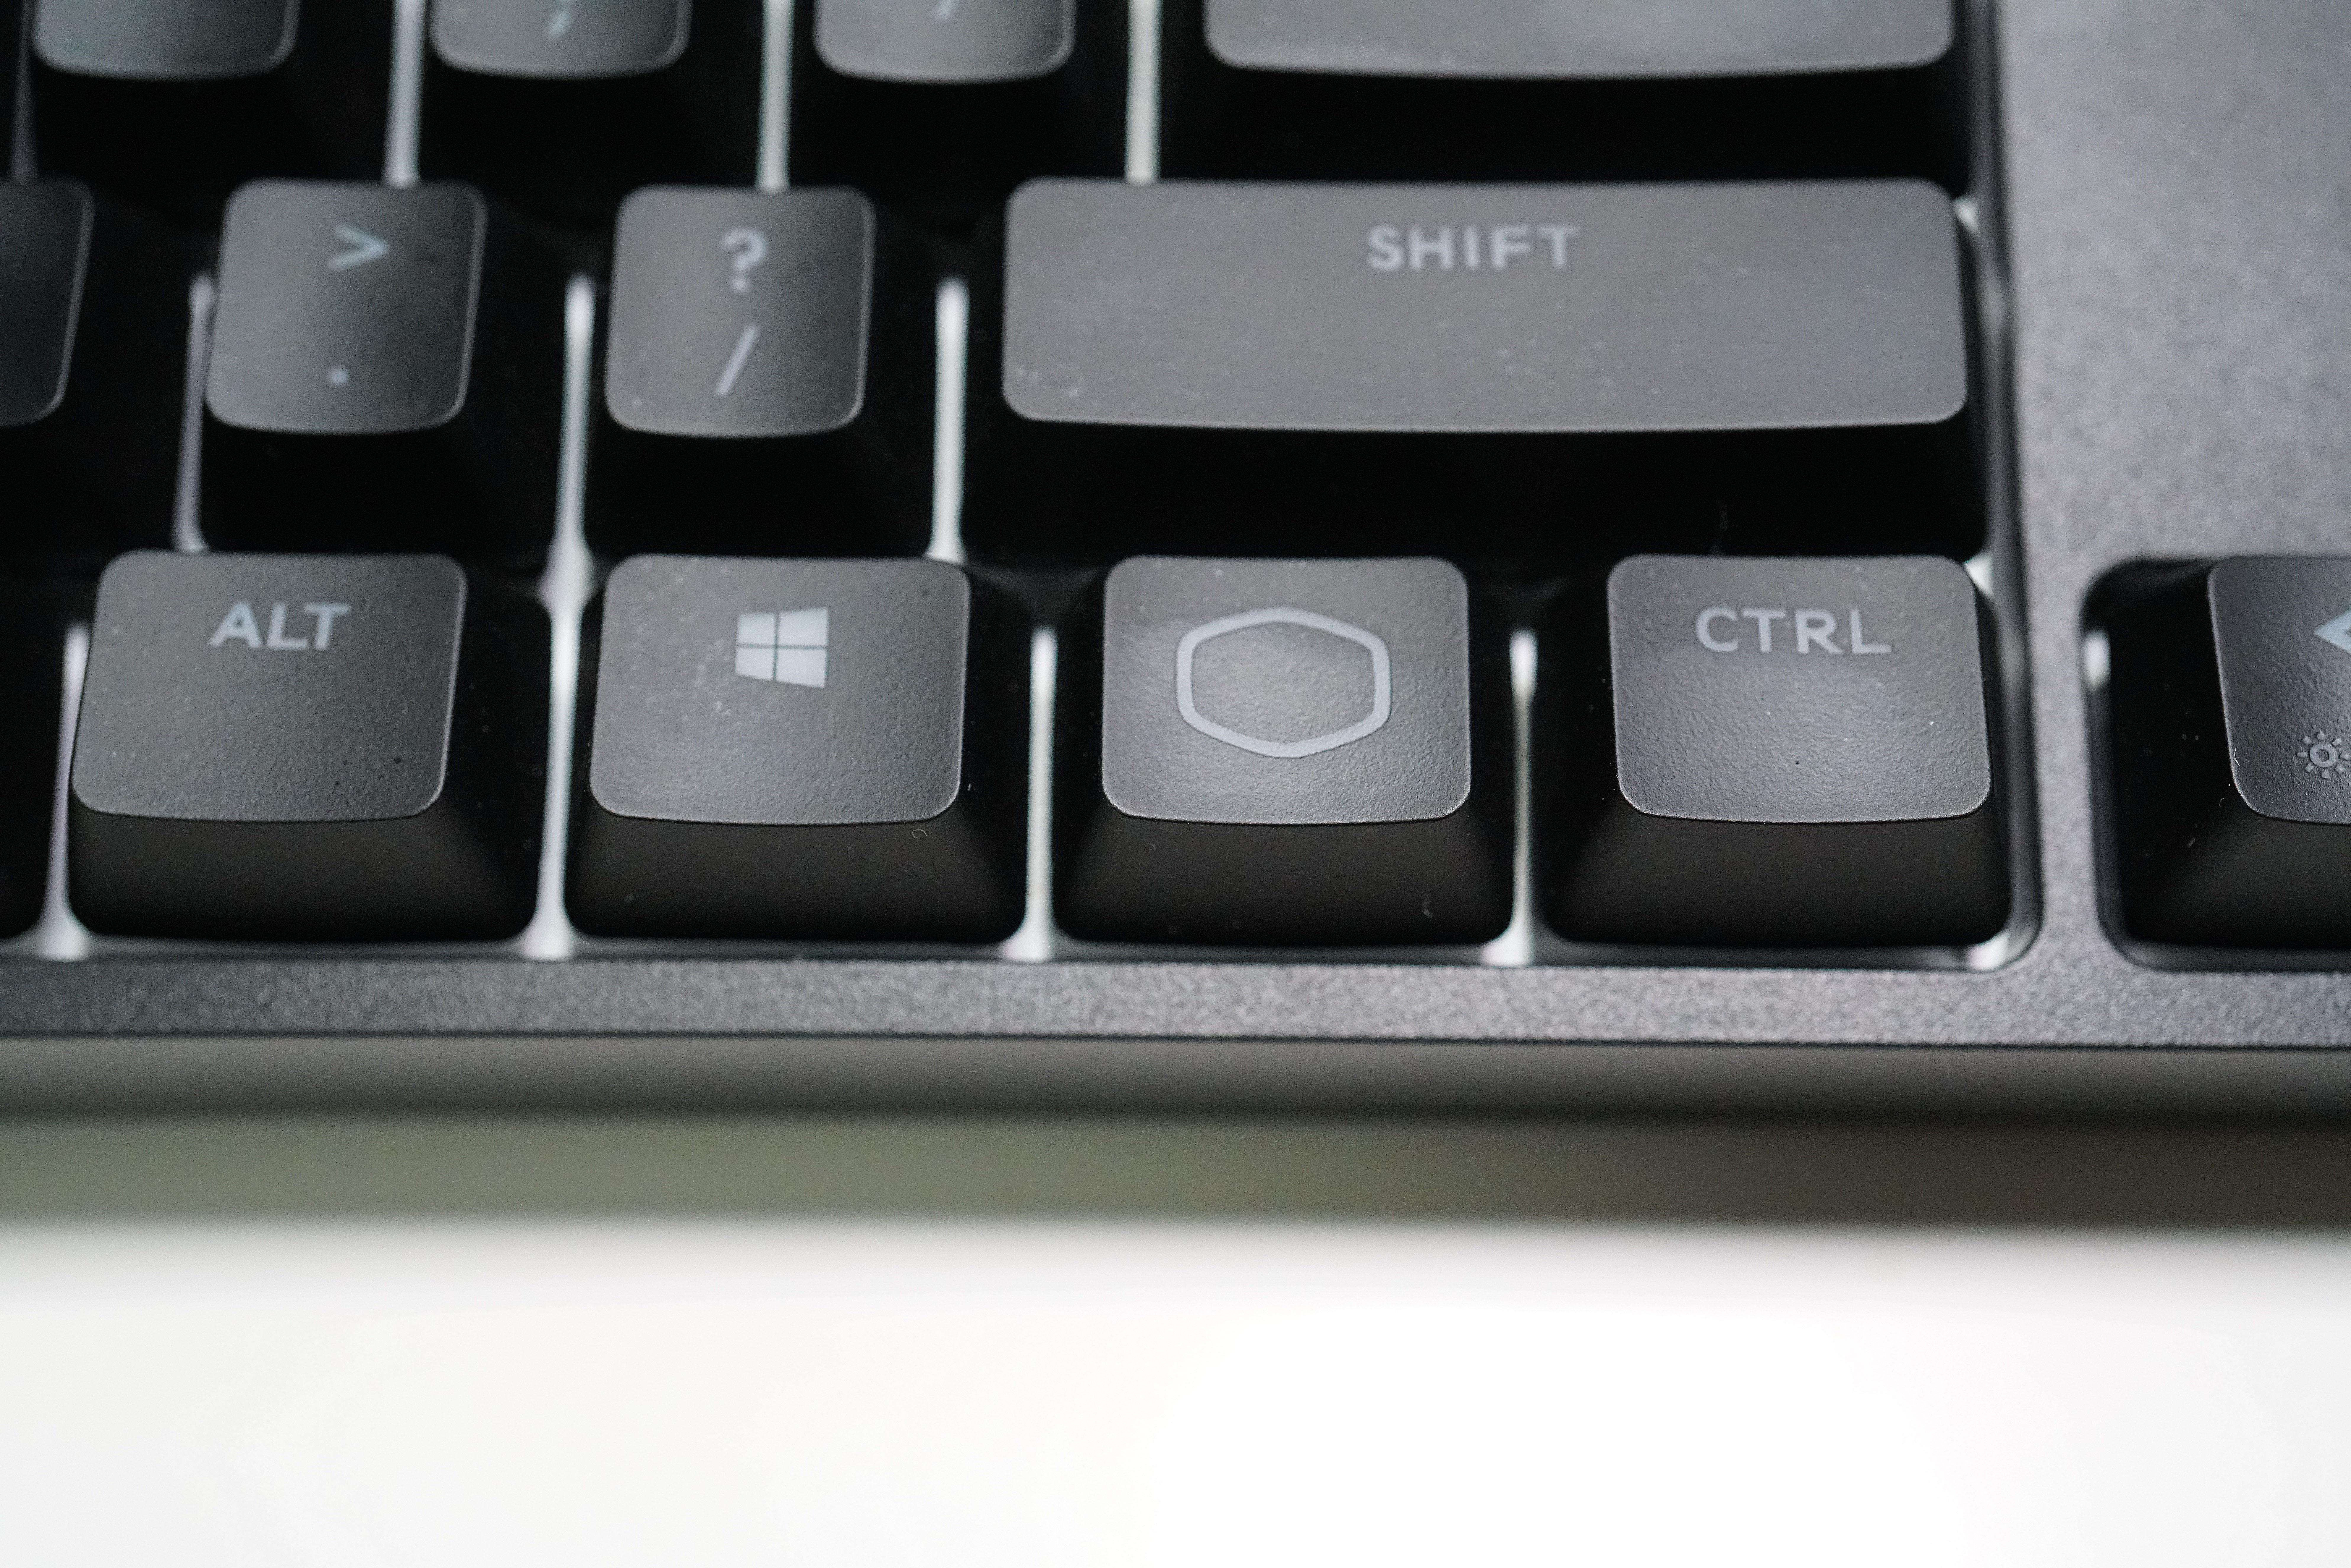 设计简约以实用为主——酷冷至尊CK320烈焰枪旗舰108 V2机械键盘